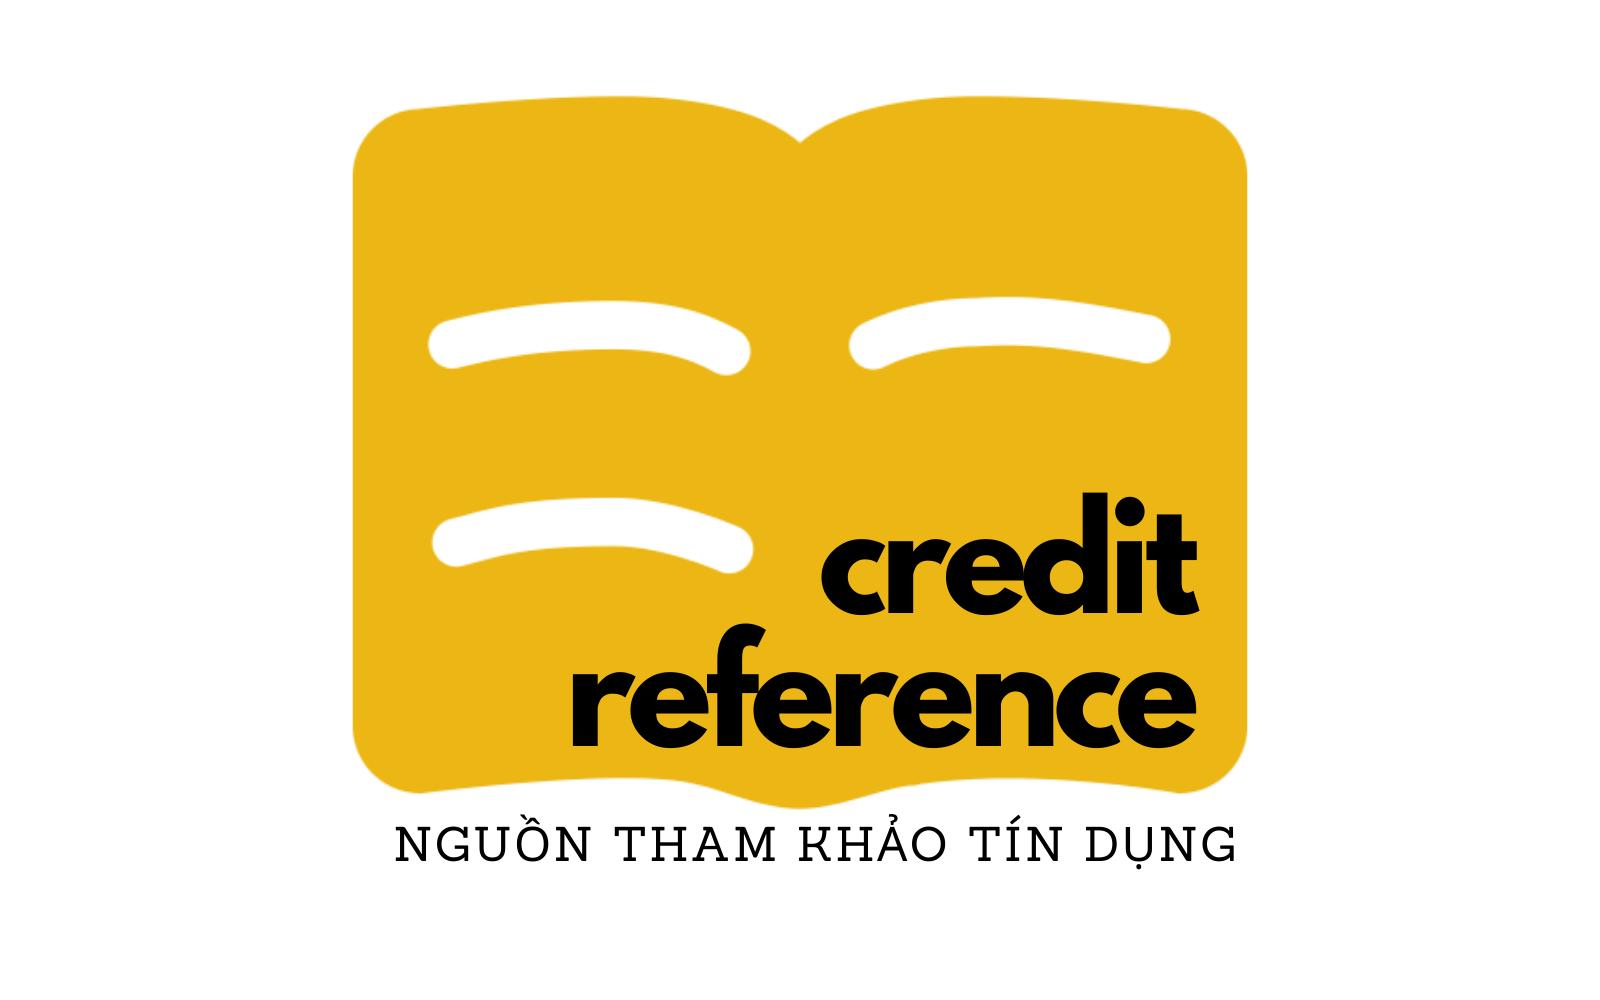 Nguồn tham khảo tín dụng (Credit Reference) là gì? Đặc điểm của nguồn tham khảo tín dụng - Ảnh 1.